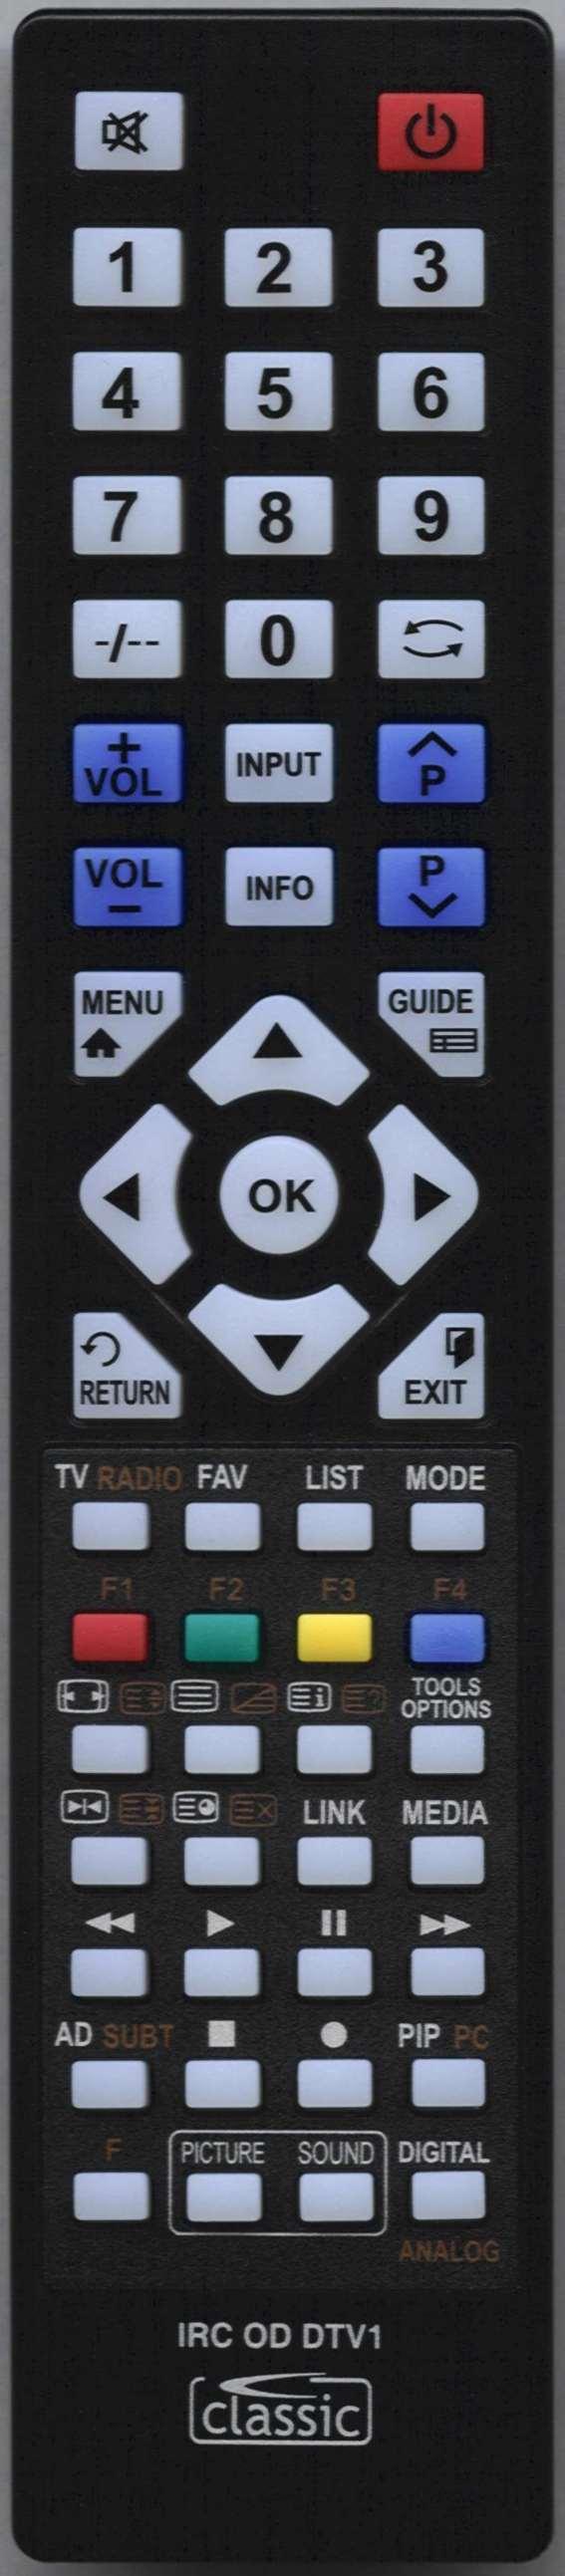 LUXOR LUX0150006/01 Remote Control Alternative